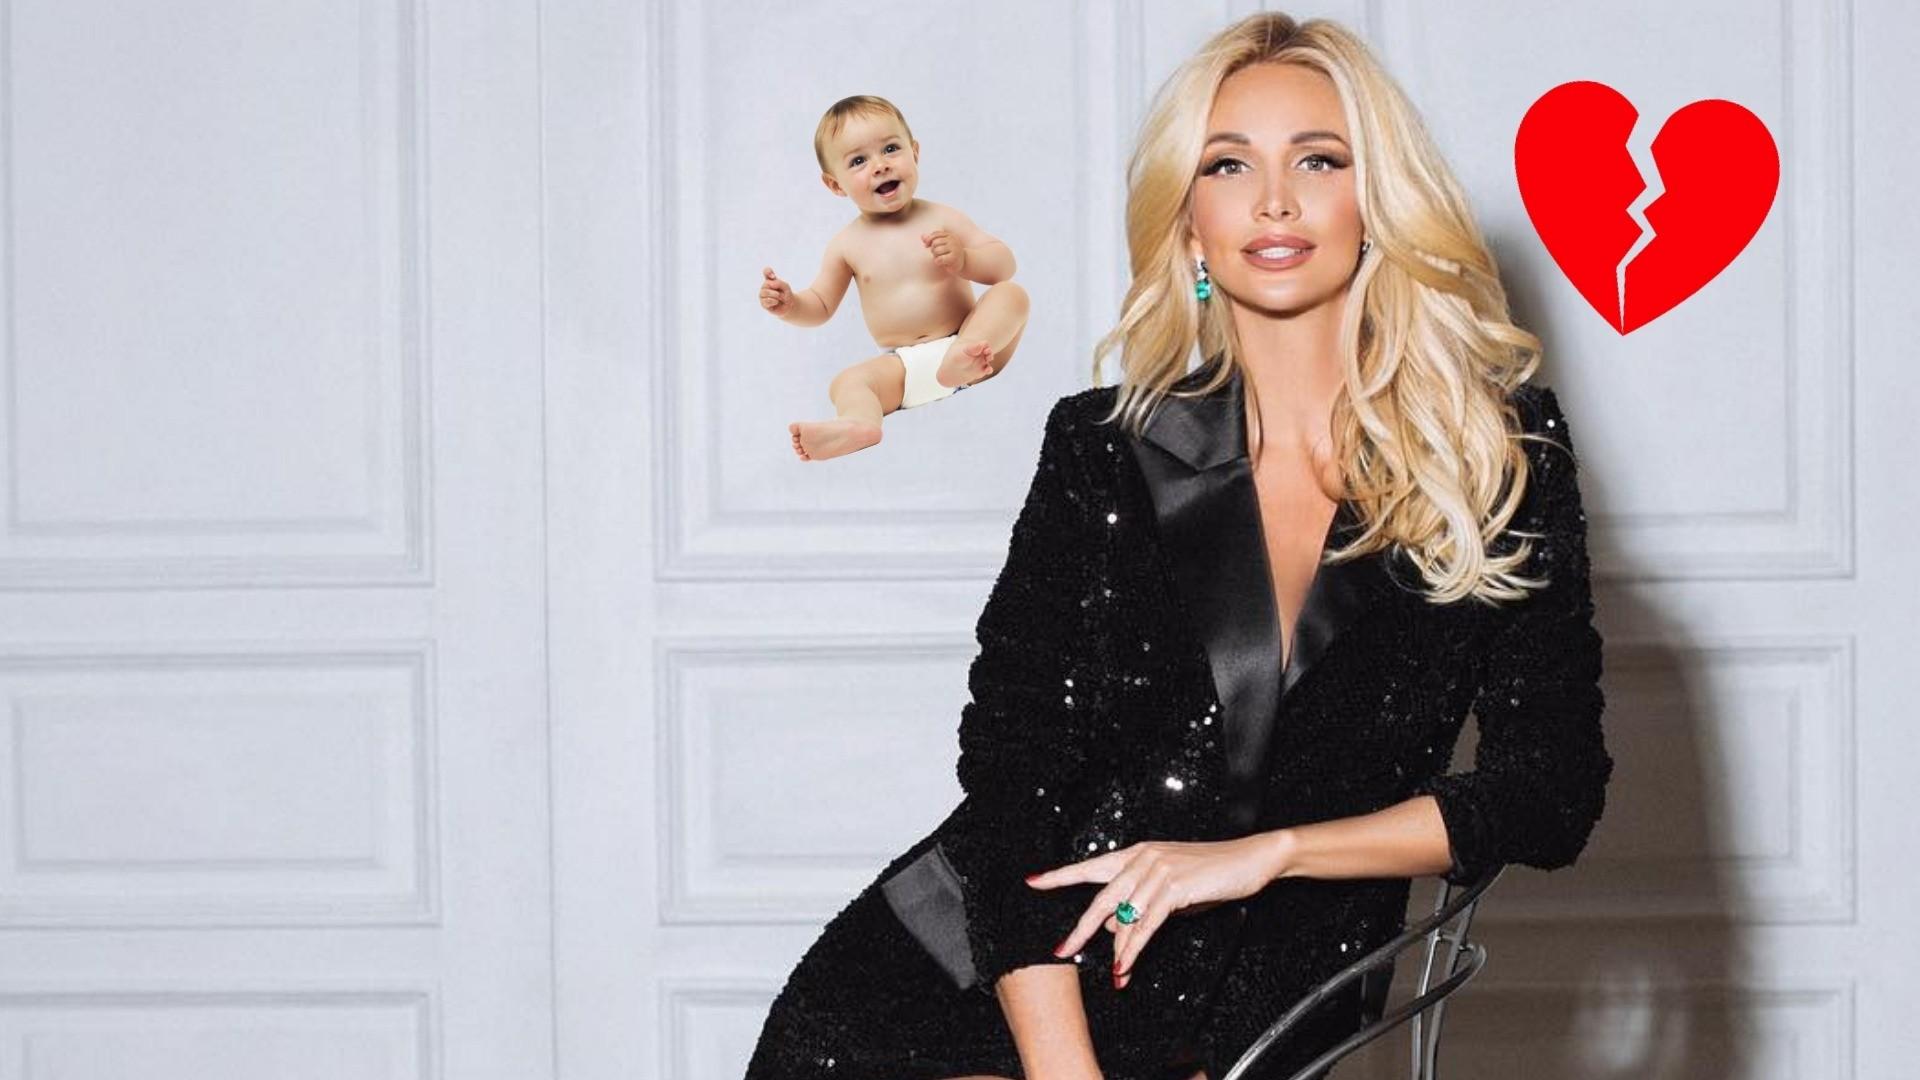 Новый избранник Виктории Лопыревой бросит ее с ребенком: предсказание ясновидящей